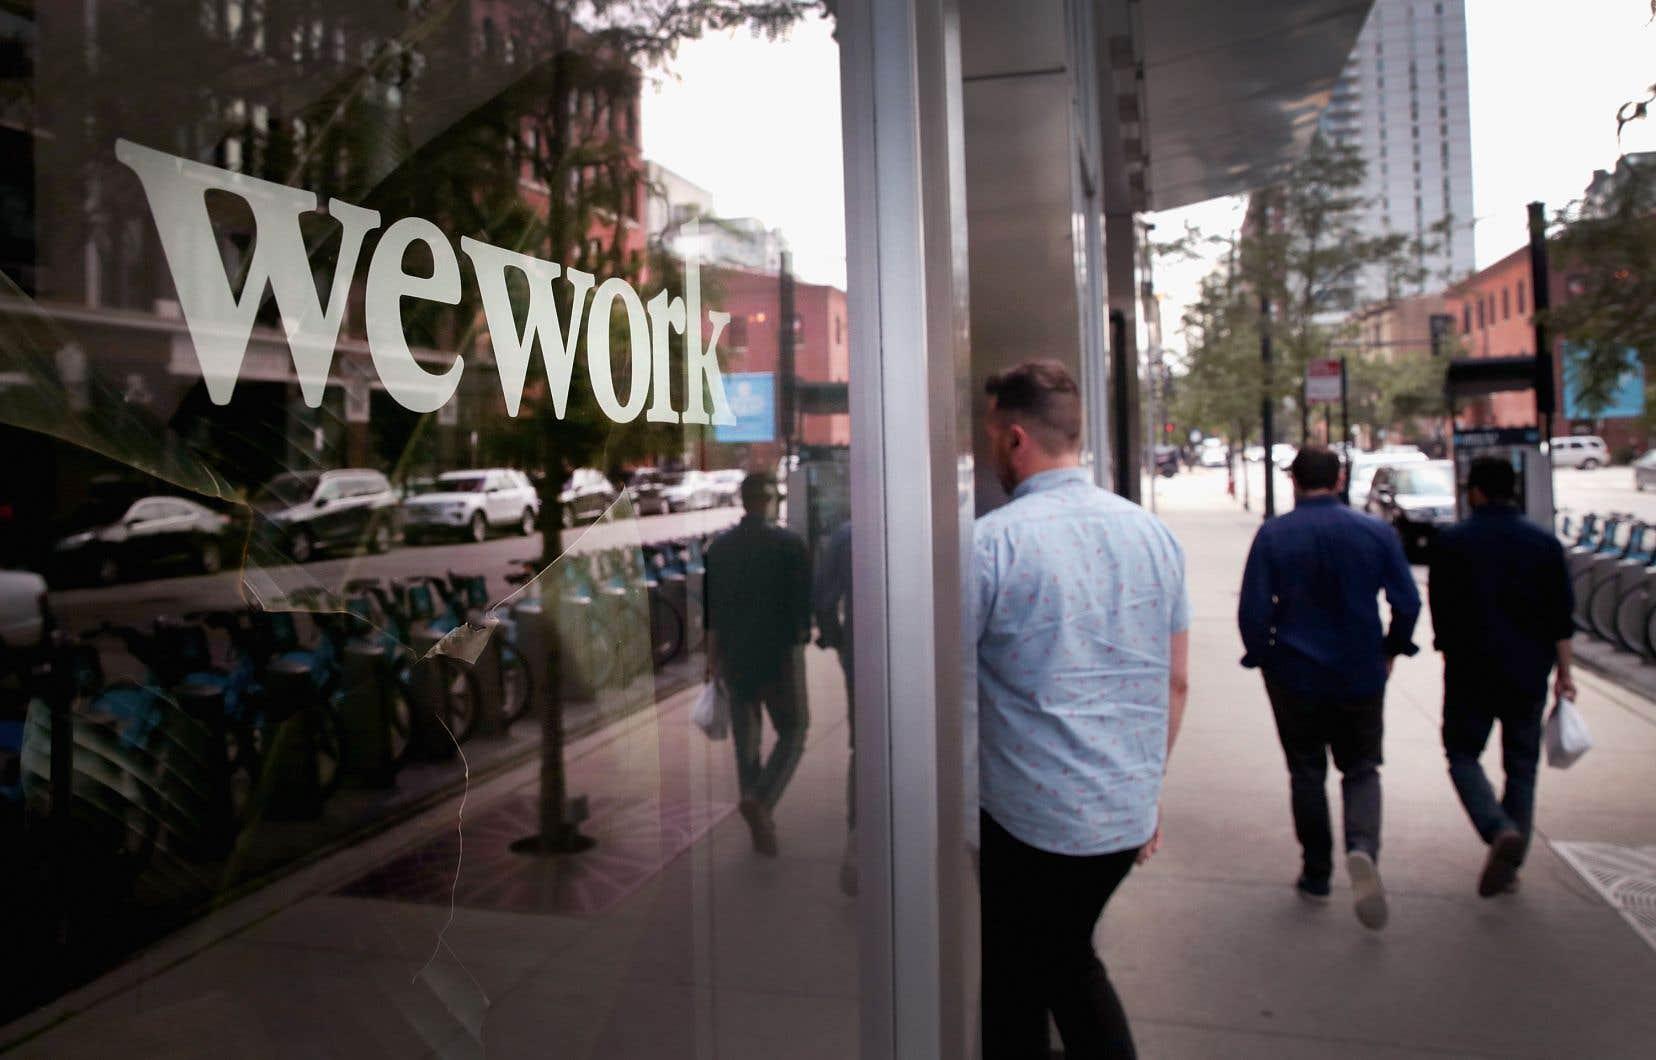 Le sauvetage de WeWork illustre la déchéance d'une entreprise qui a vu trop vite les choses en grand.